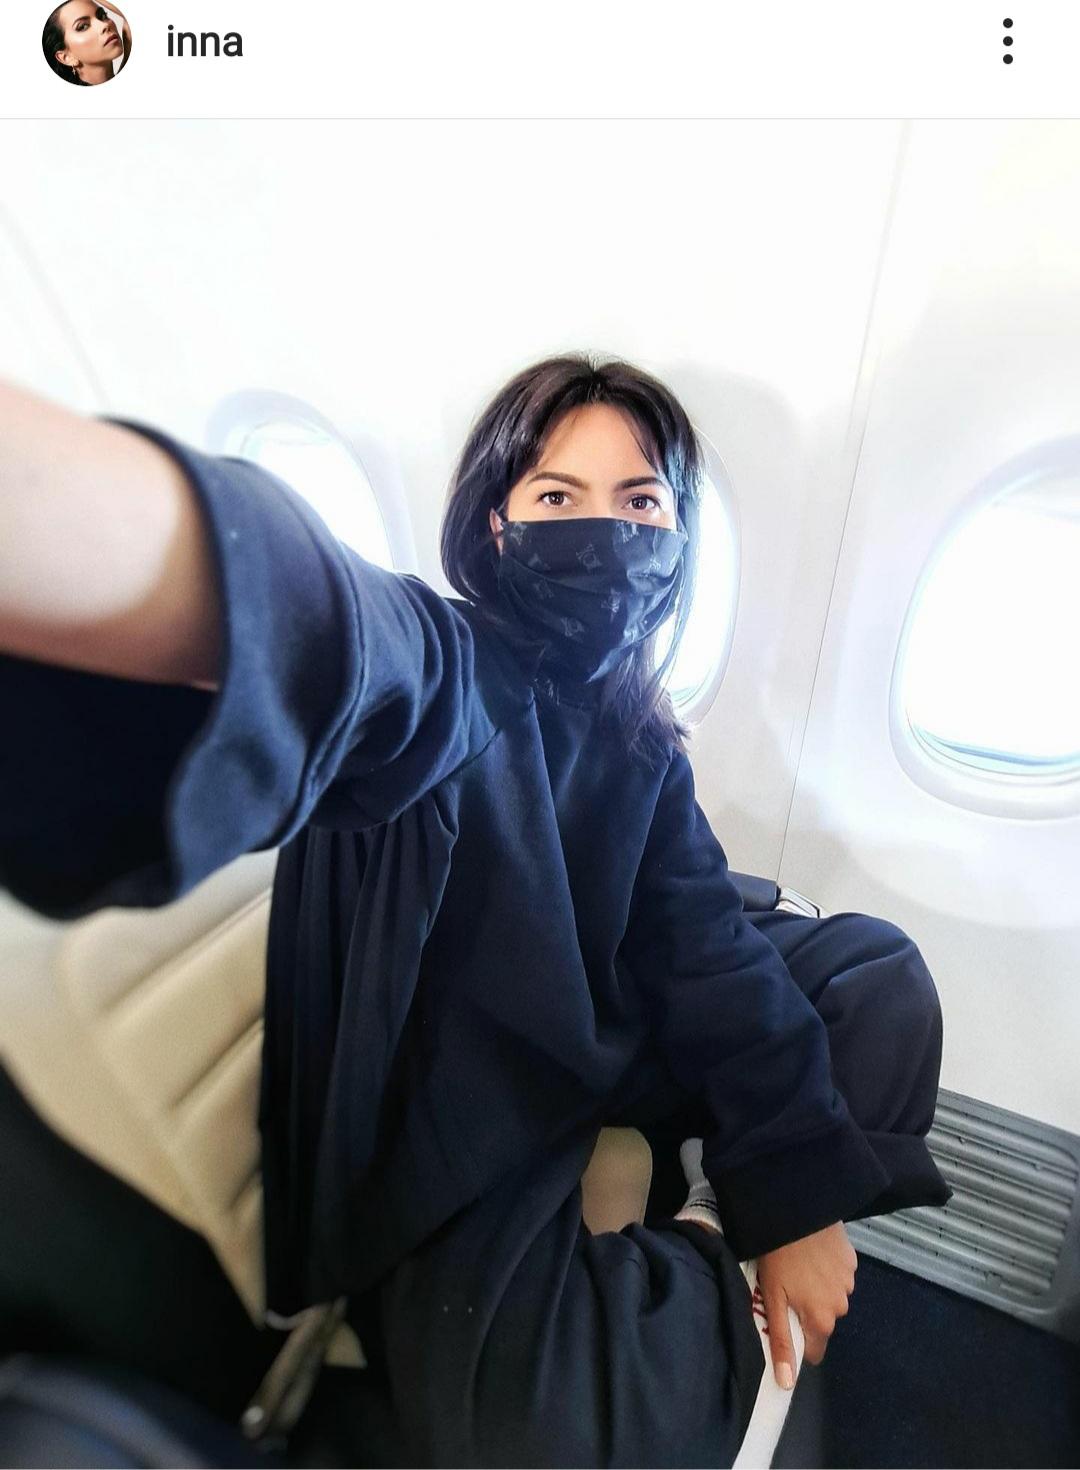 inna in avion